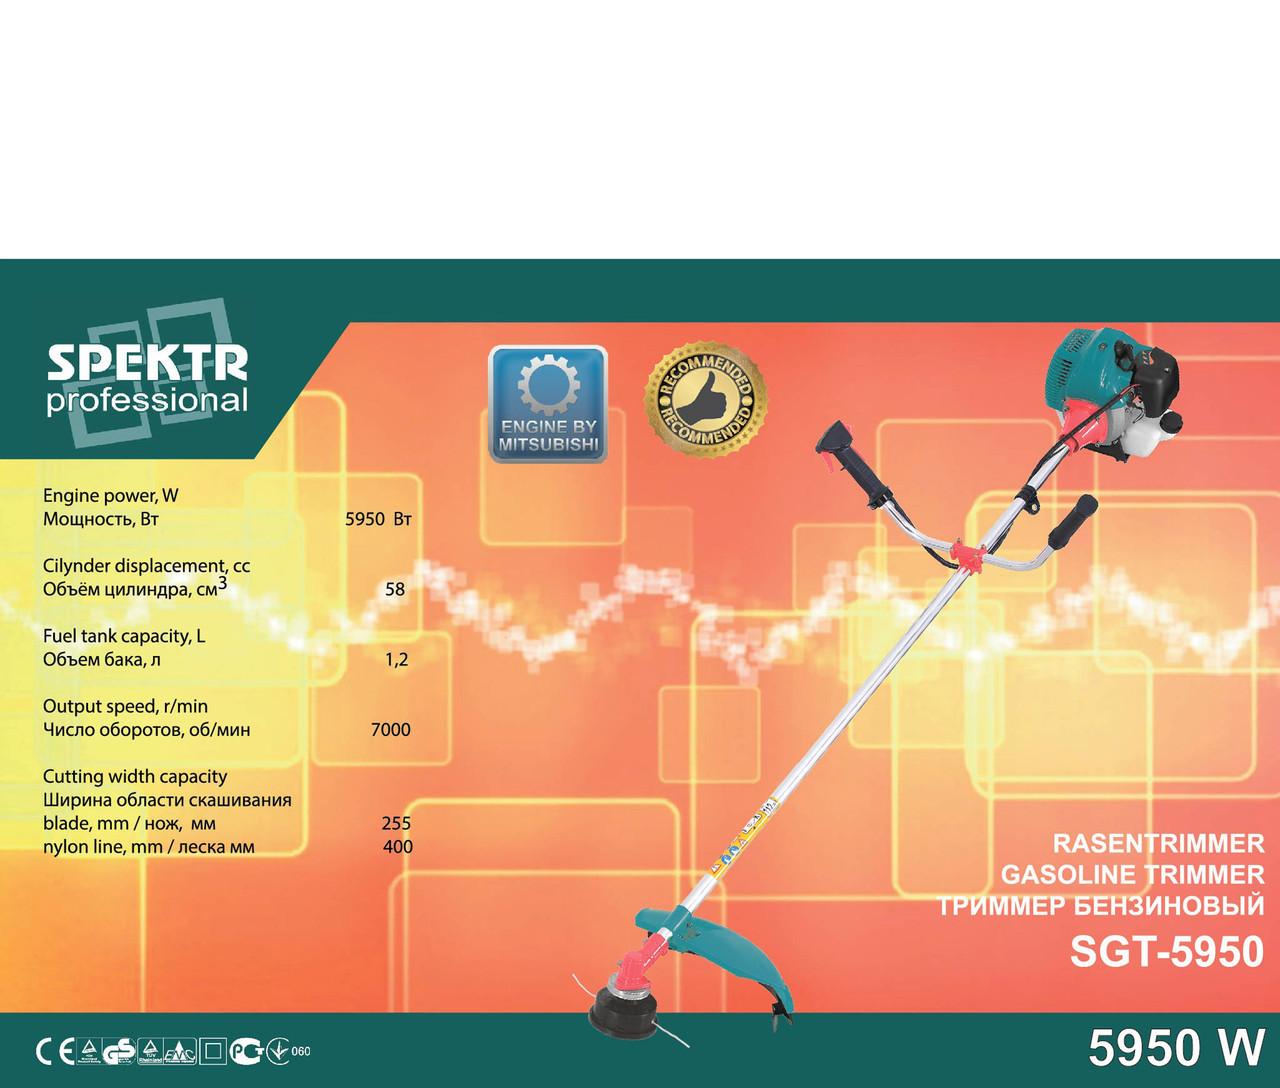 Мотокоса Spektr SGT-5950 Professional